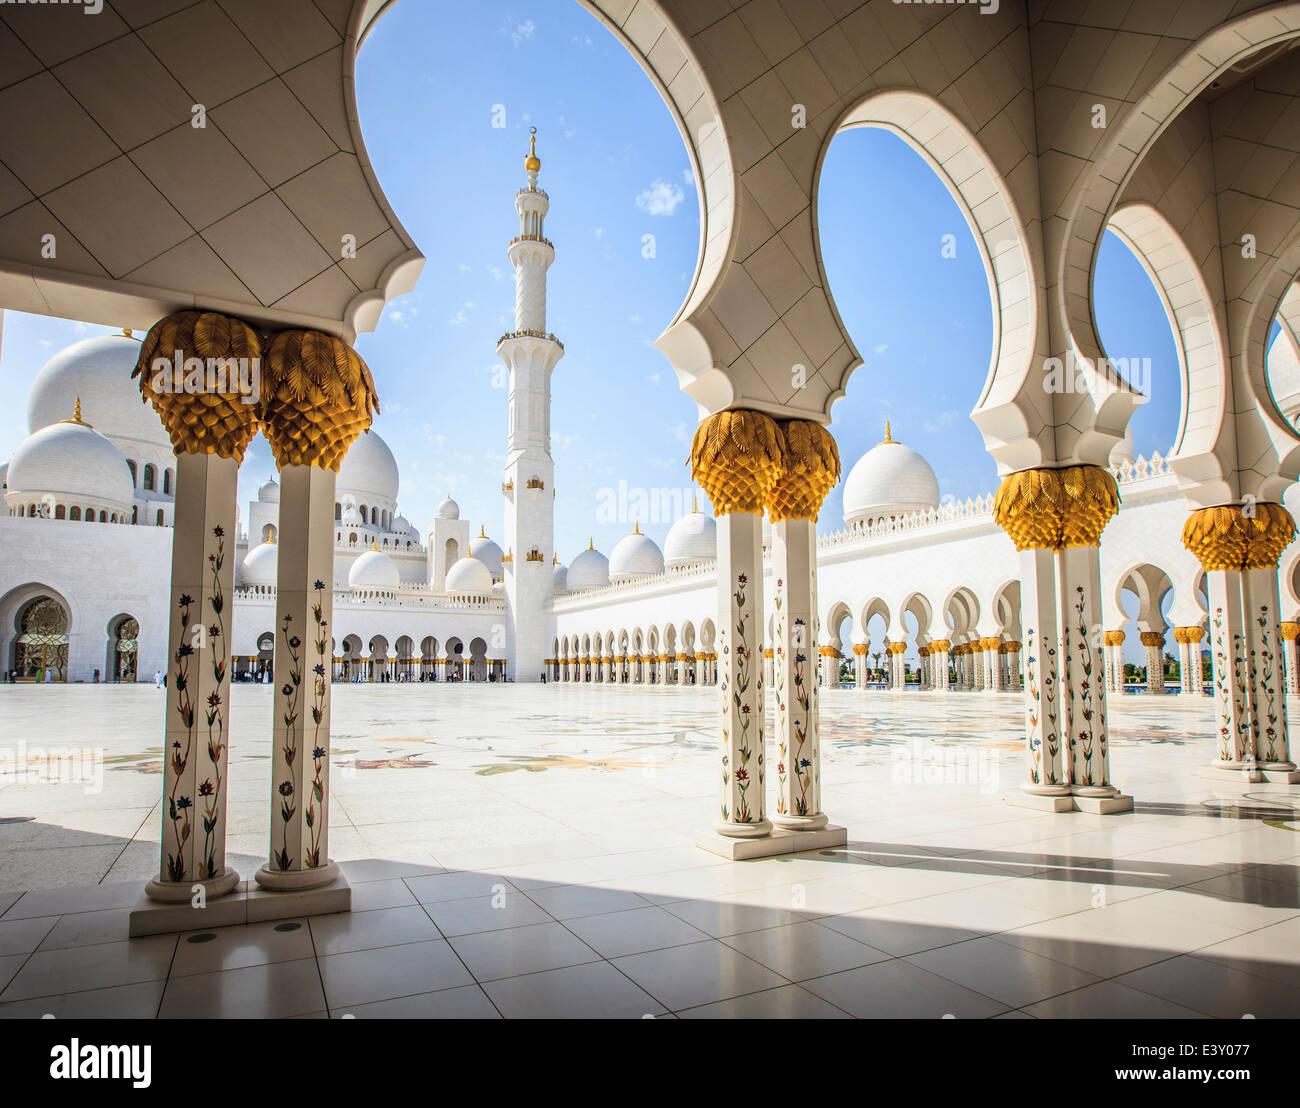 Columnas ornamentadas de la Gran Mezquita de Sheikh Zayed, Abu Dhabi, Emiratos Arabes Unidos Imagen De Stock